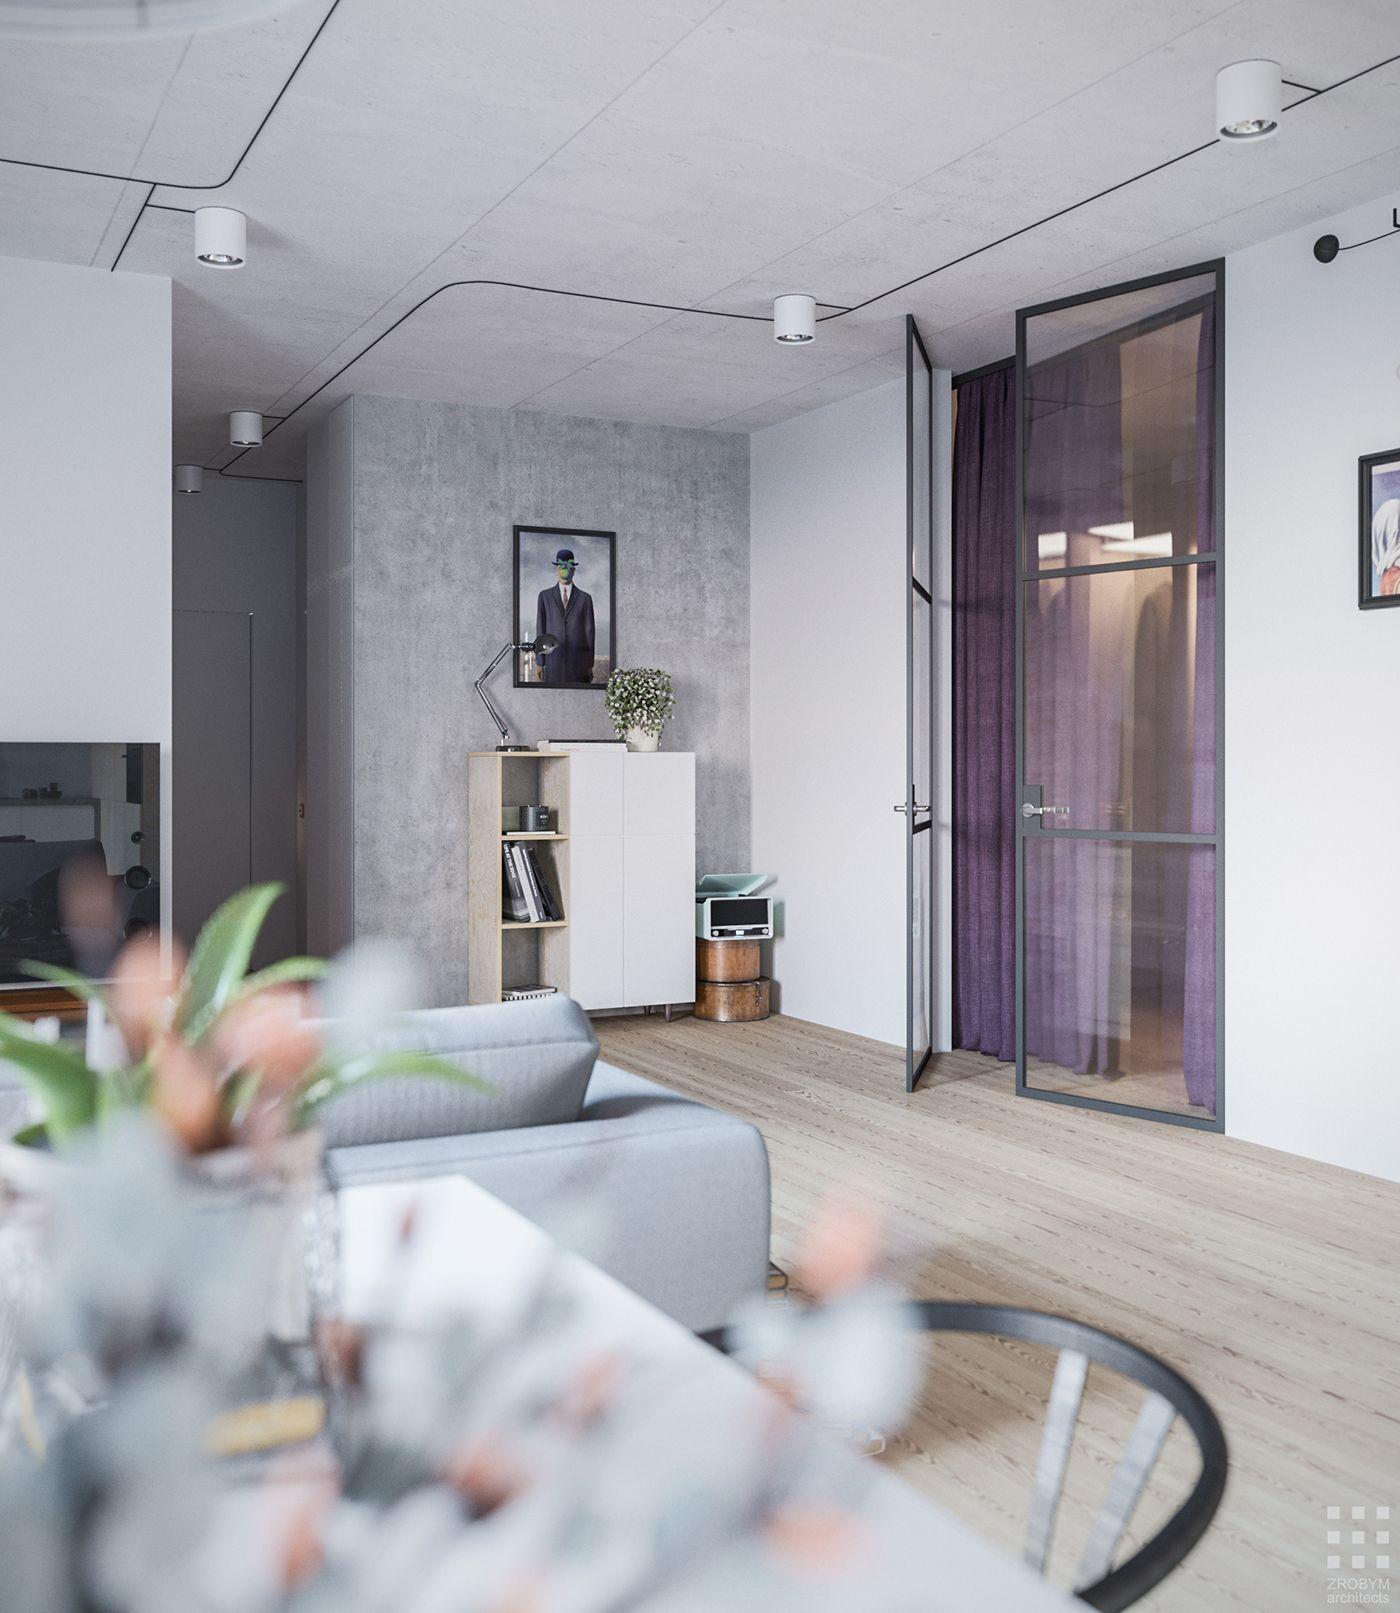 Cascade Apartment On Behance Apartment Apartment Interior Design Apartment Design